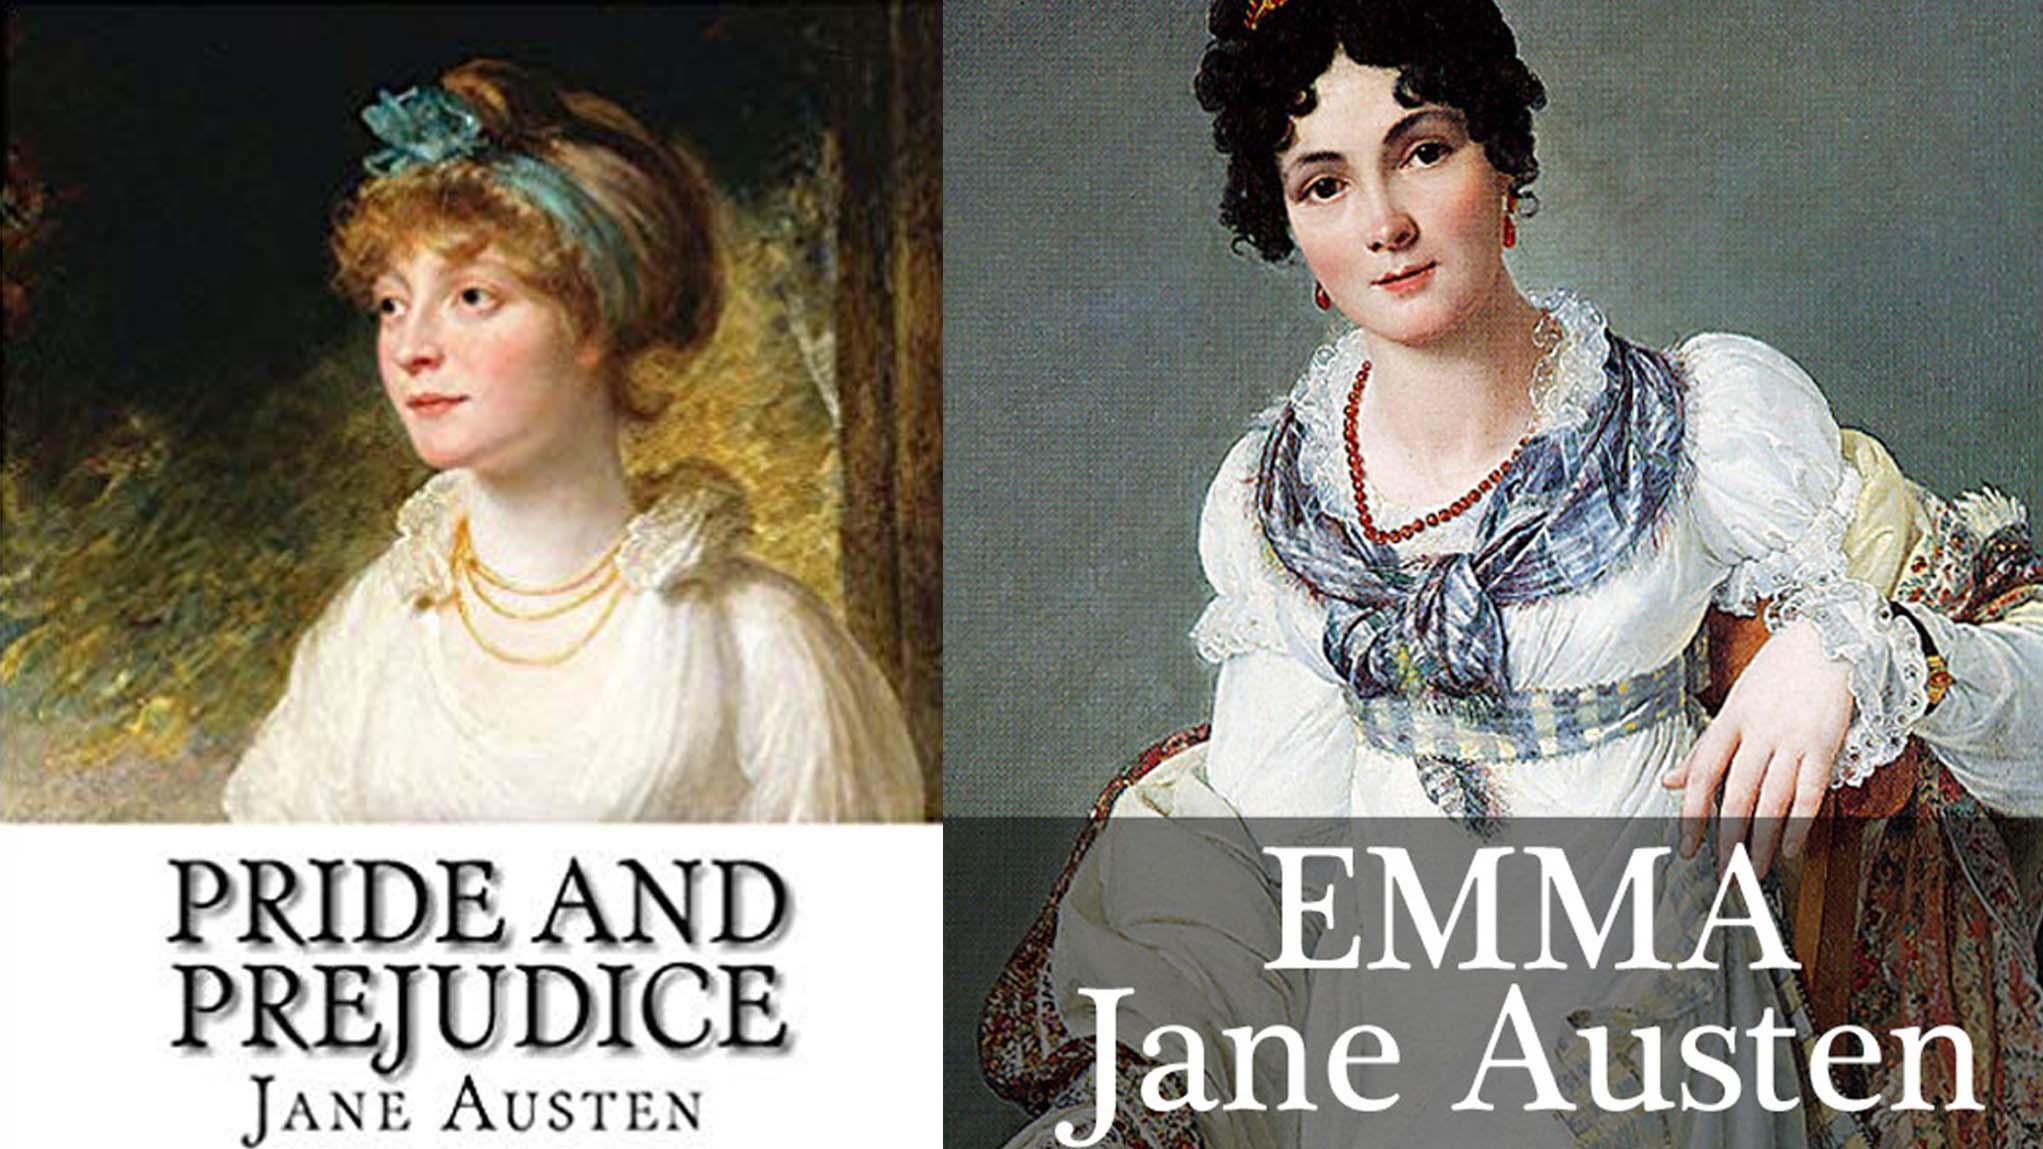 کتاب های جین آستین